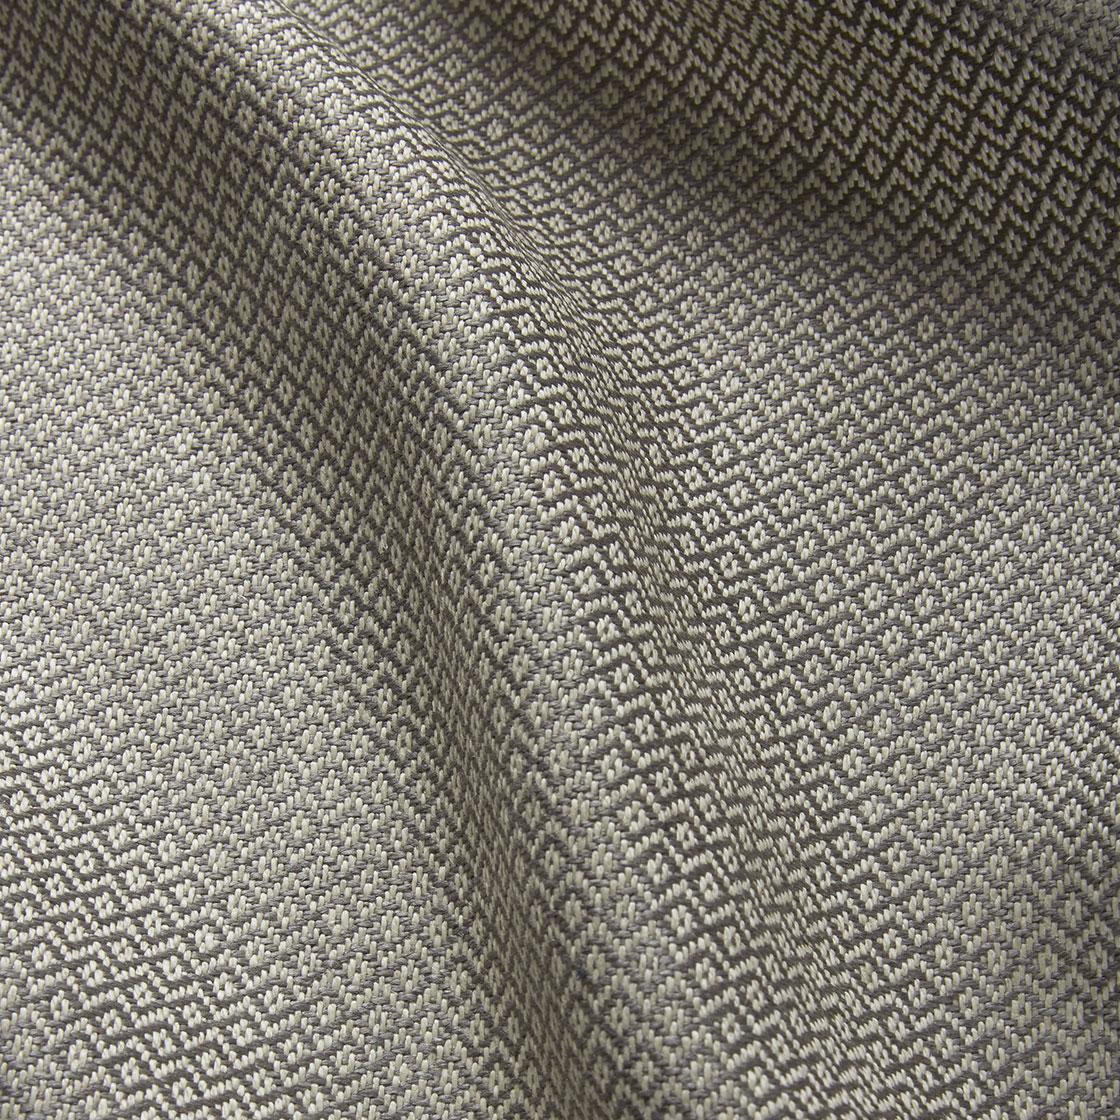 Piedmont Linen - Steel Grey - Beaumont & Fletcher - Beaumont & Fletcher